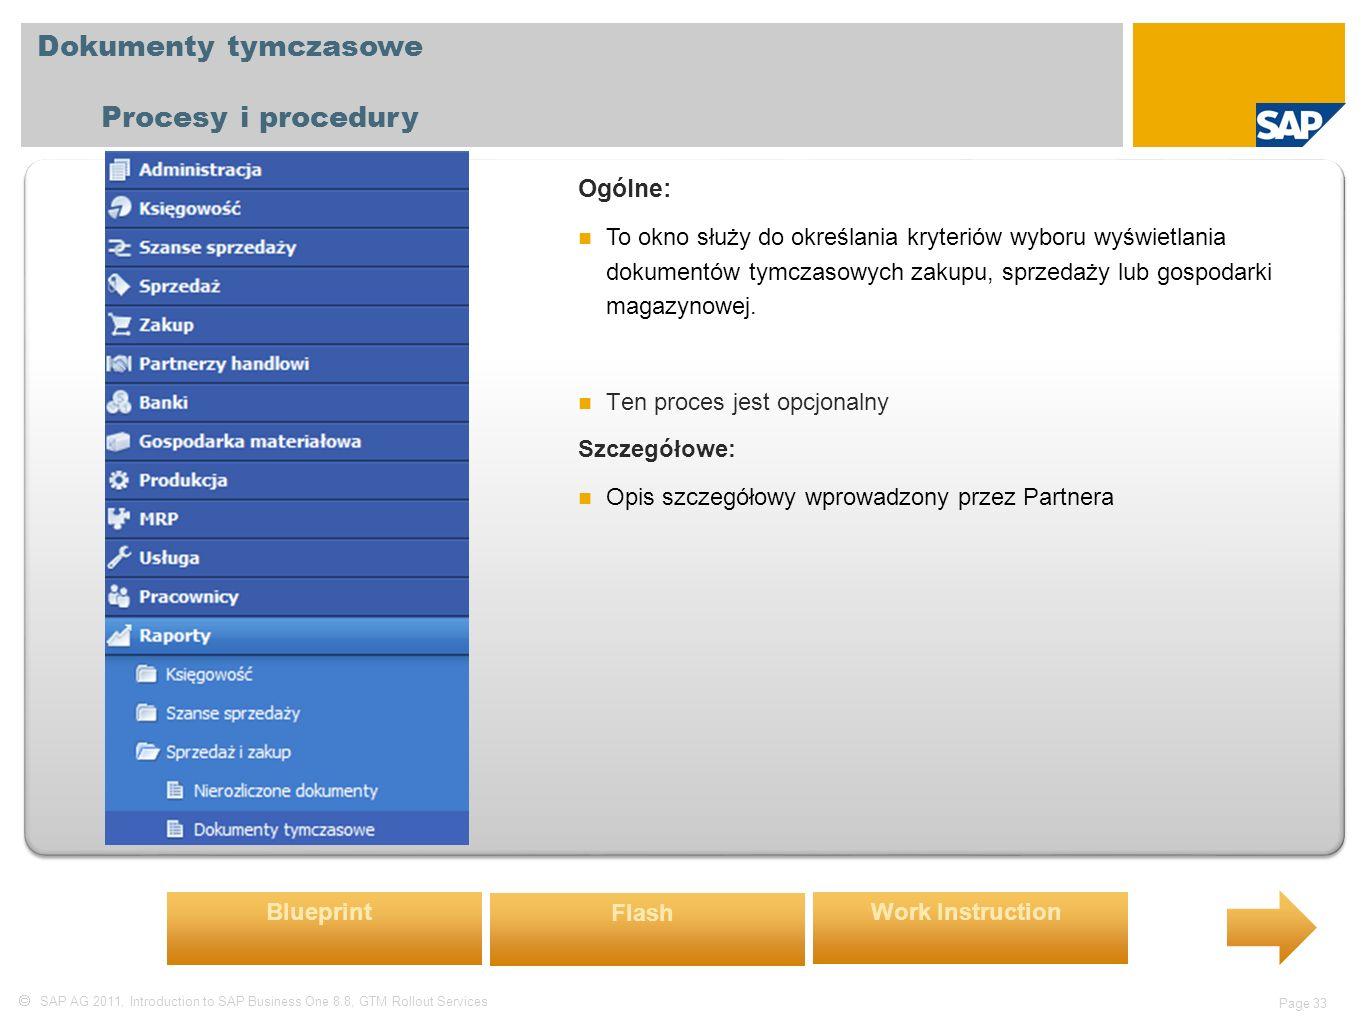  SAP AG 2011, Introduction to SAP Business One 8.8, GTM Rollout Services Page 33 Dokumenty tymczasowe Procesy i procedury Ogólne: To okno służy do określania kryteriów wyboru wyświetlania dokumentów tymczasowych zakupu, sprzedaży lub gospodarki magazynowej.